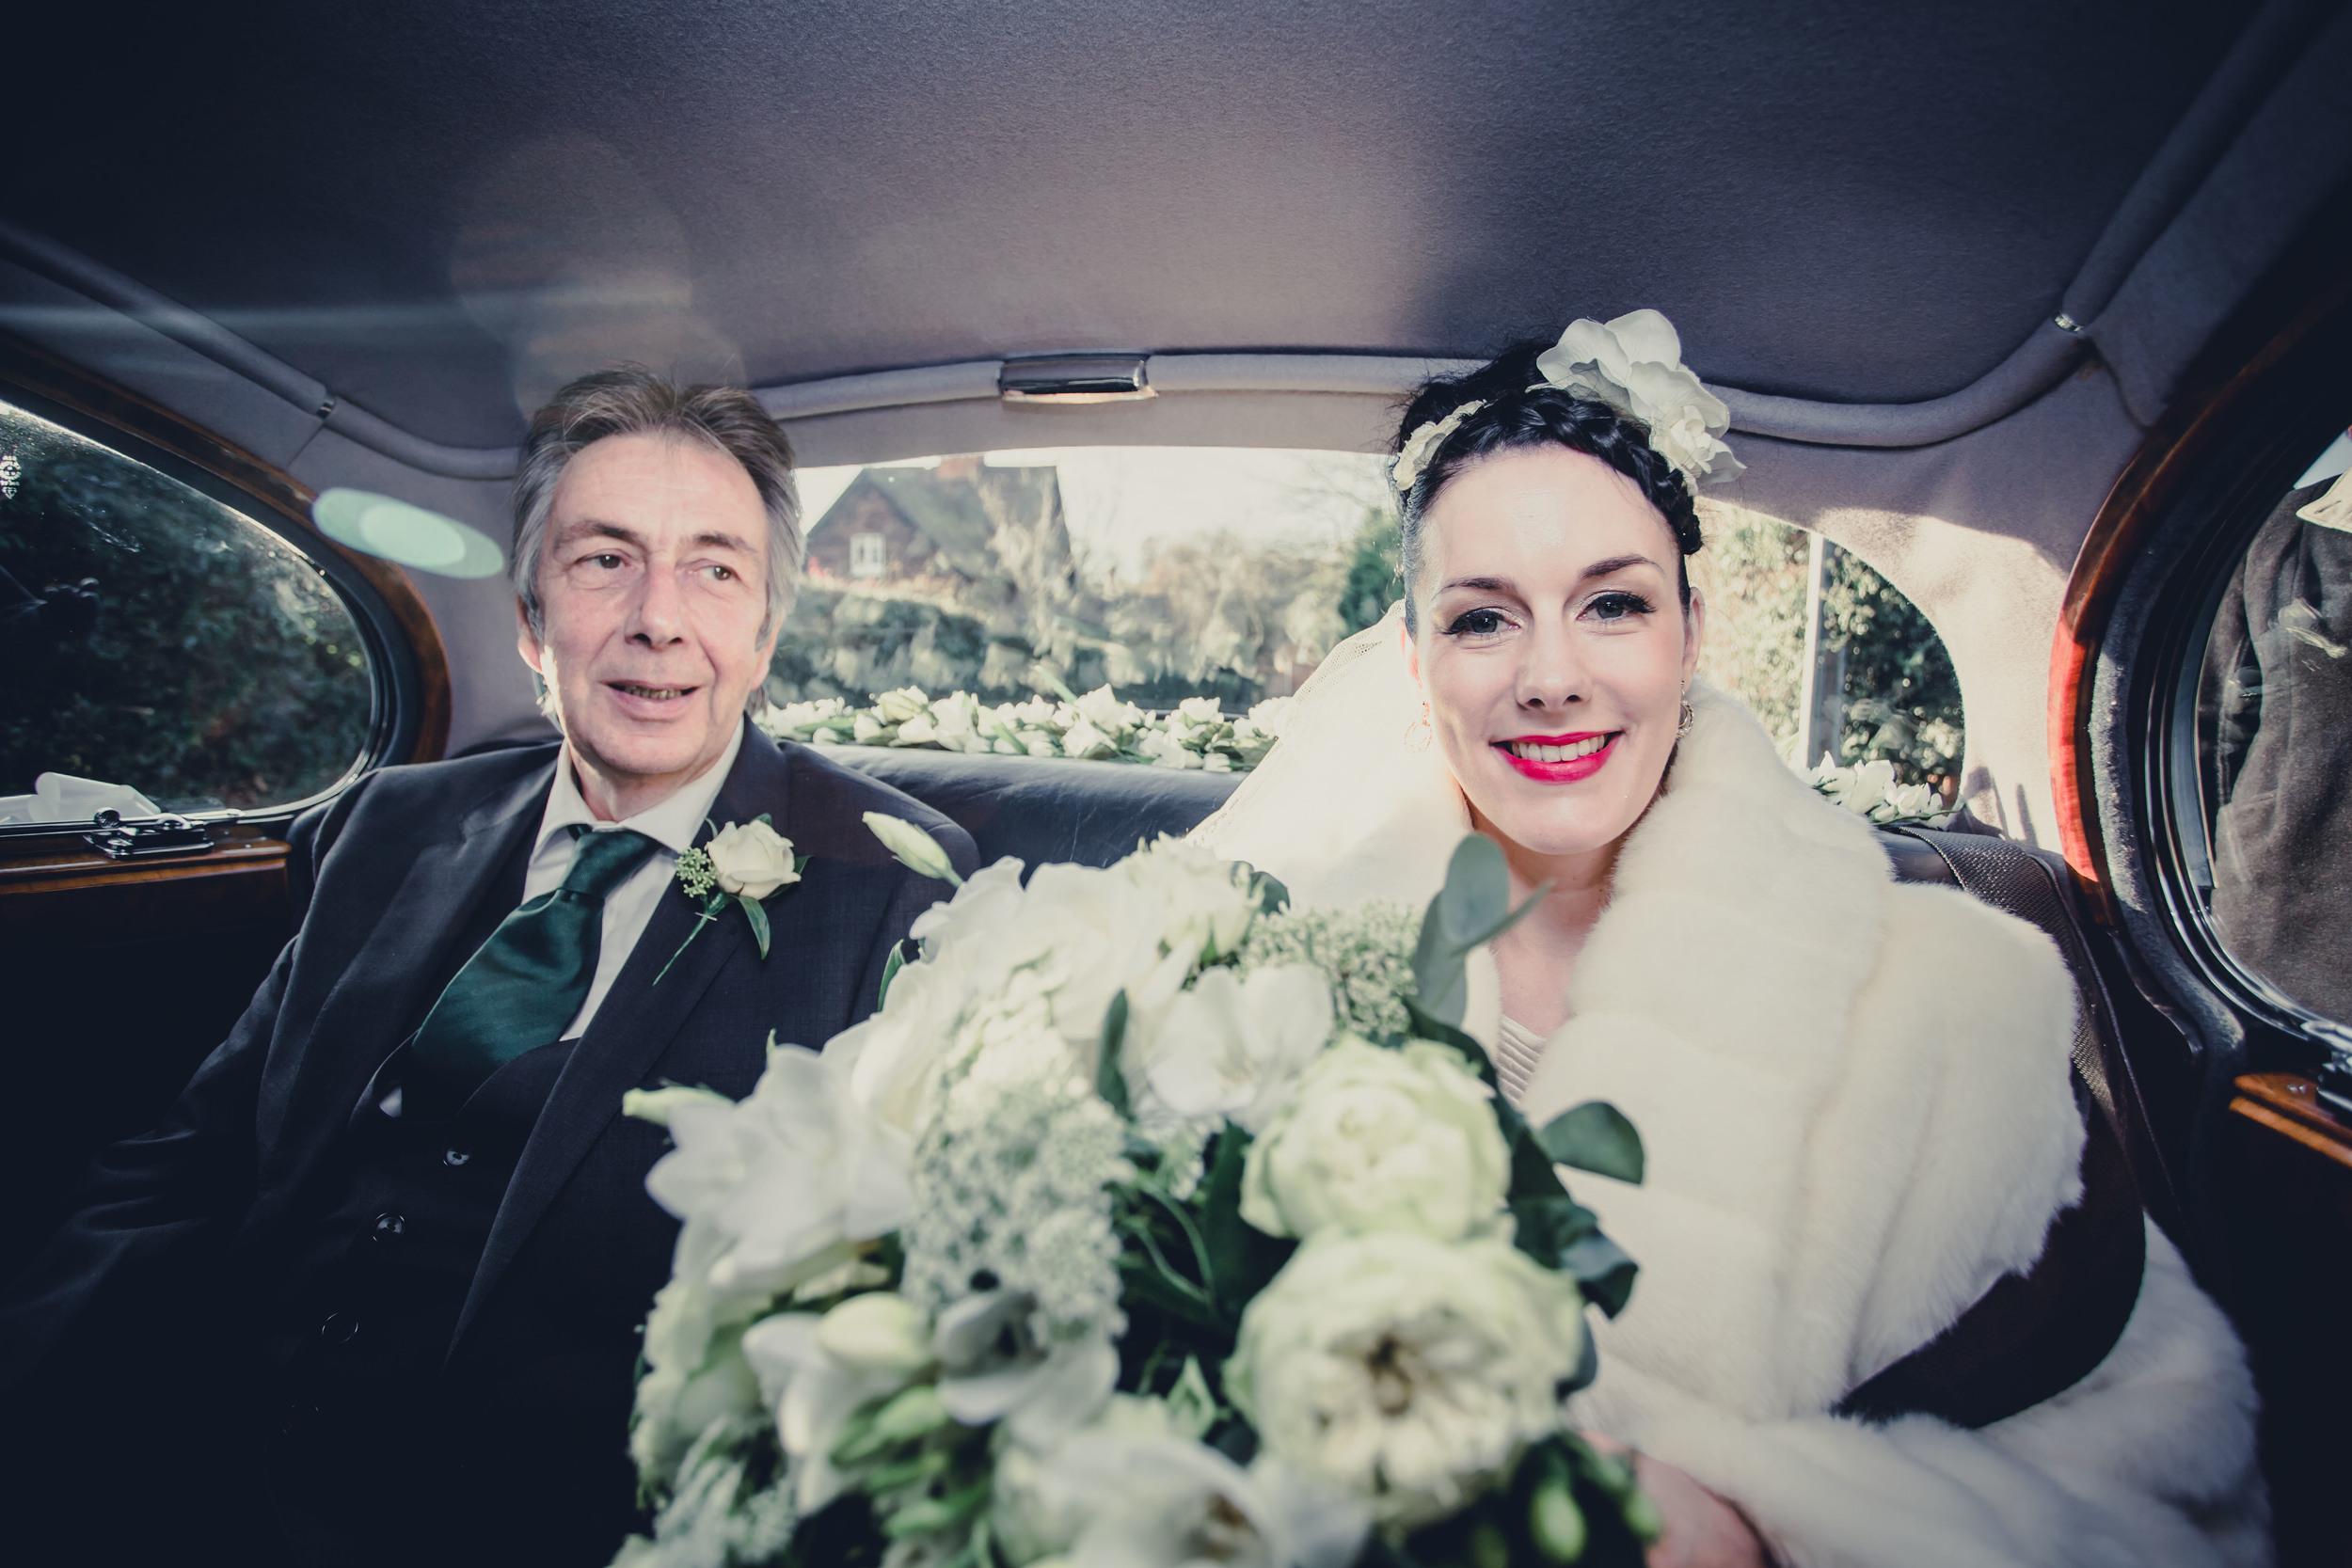 060 - Angela and Karls Wedding by www.markpugh.com -6623.jpg